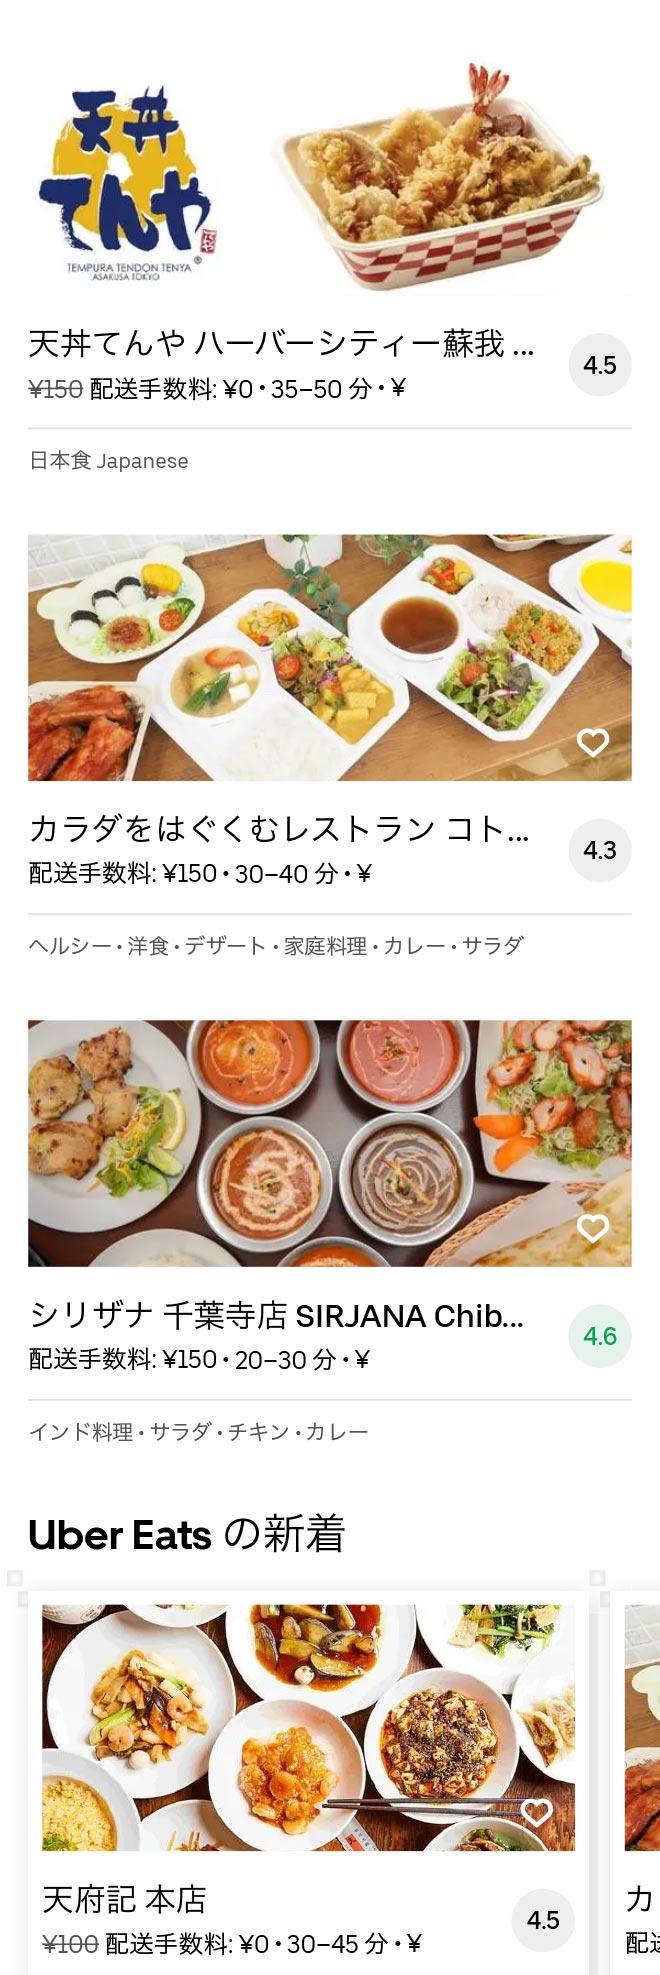 Soga menu 2010 04